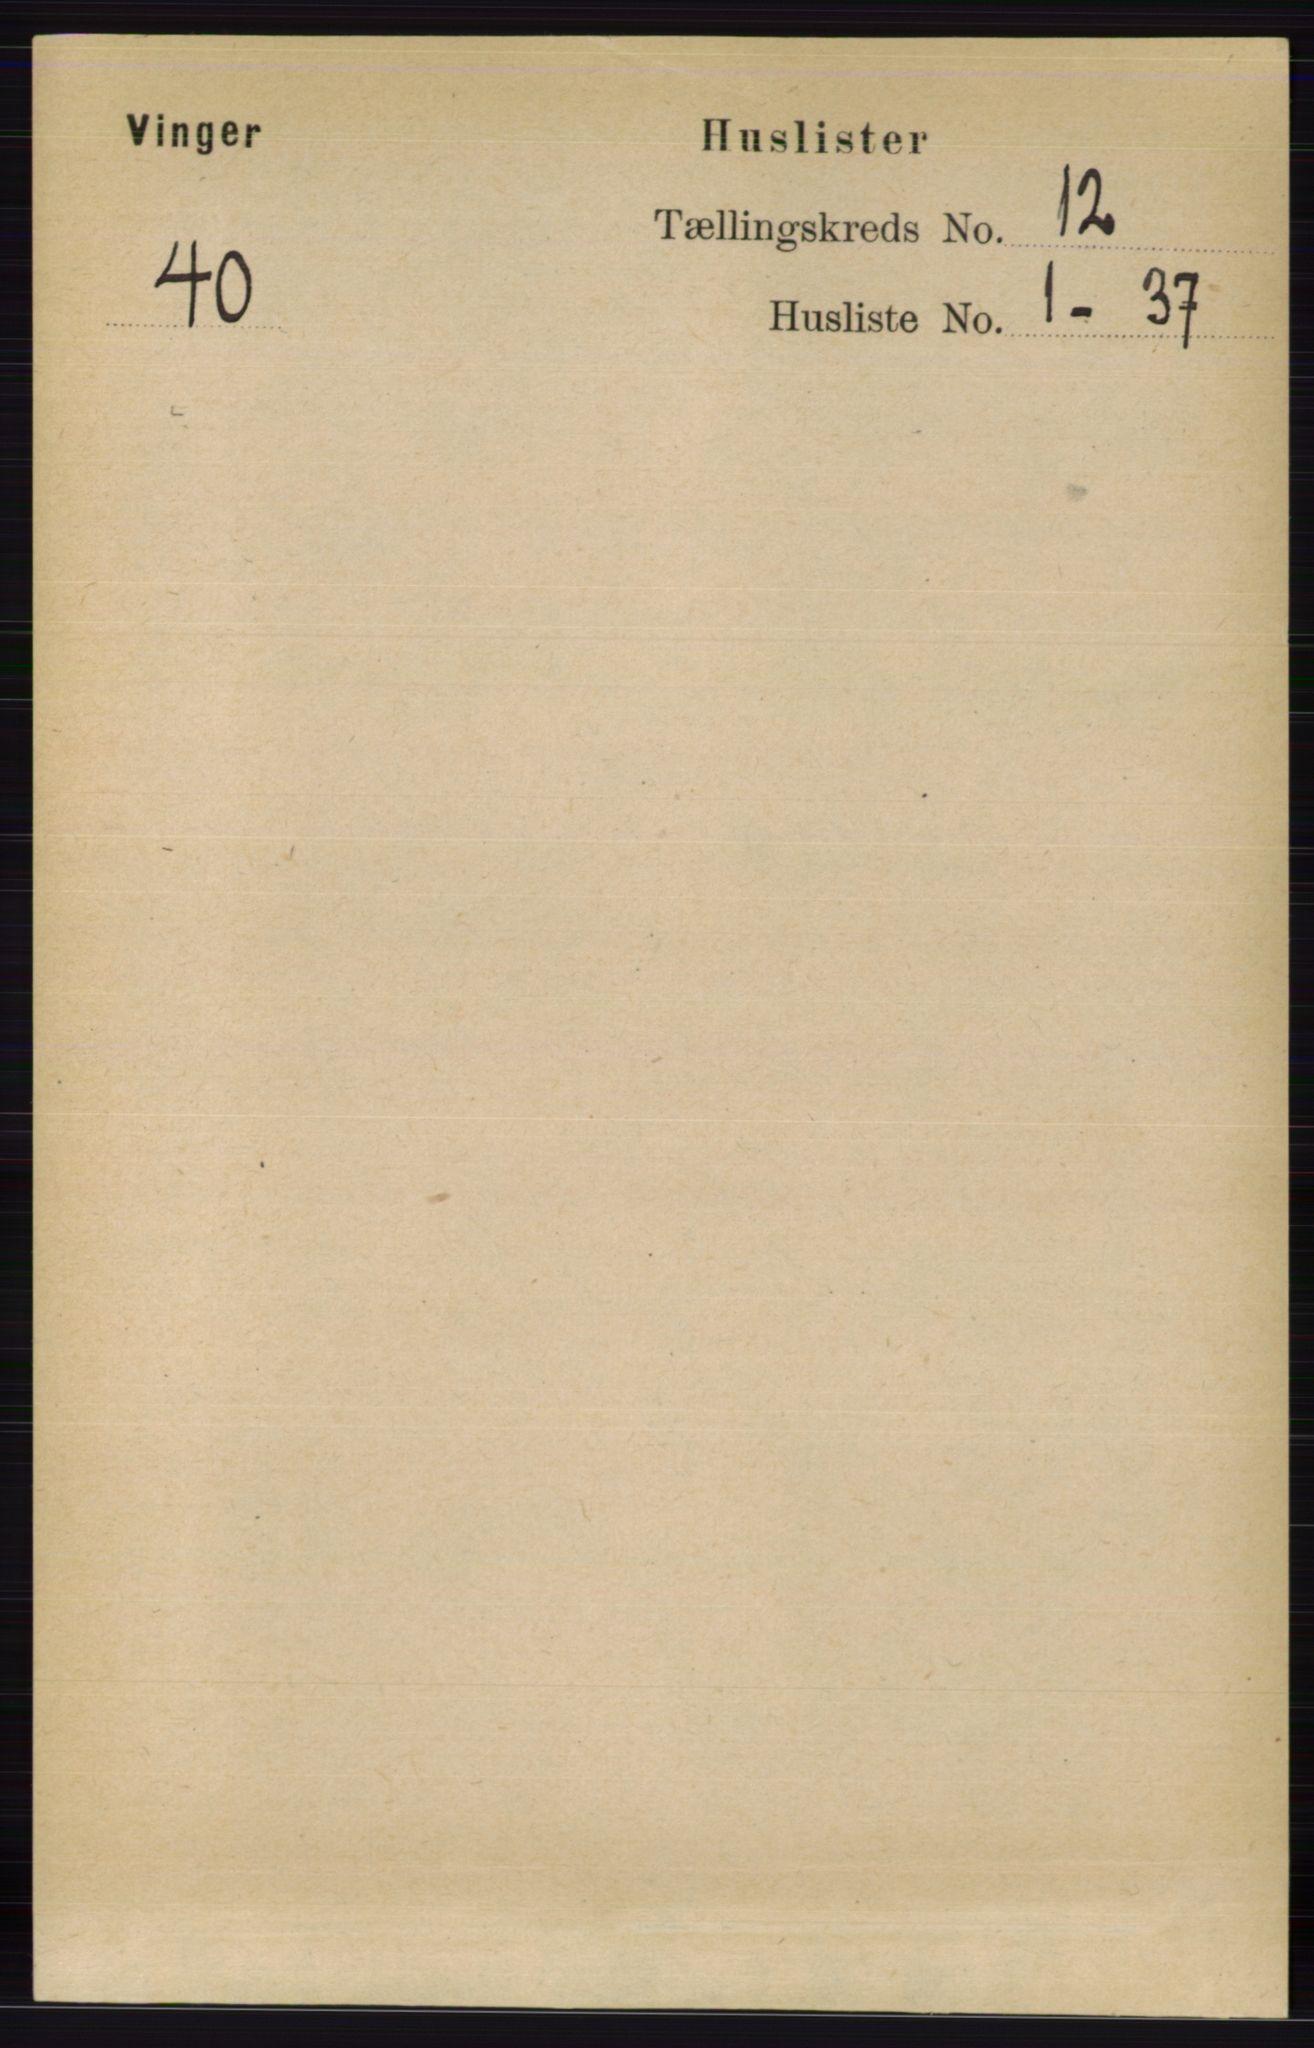 RA, Folketelling 1891 for 0421 Vinger herred, 1891, s. 5730